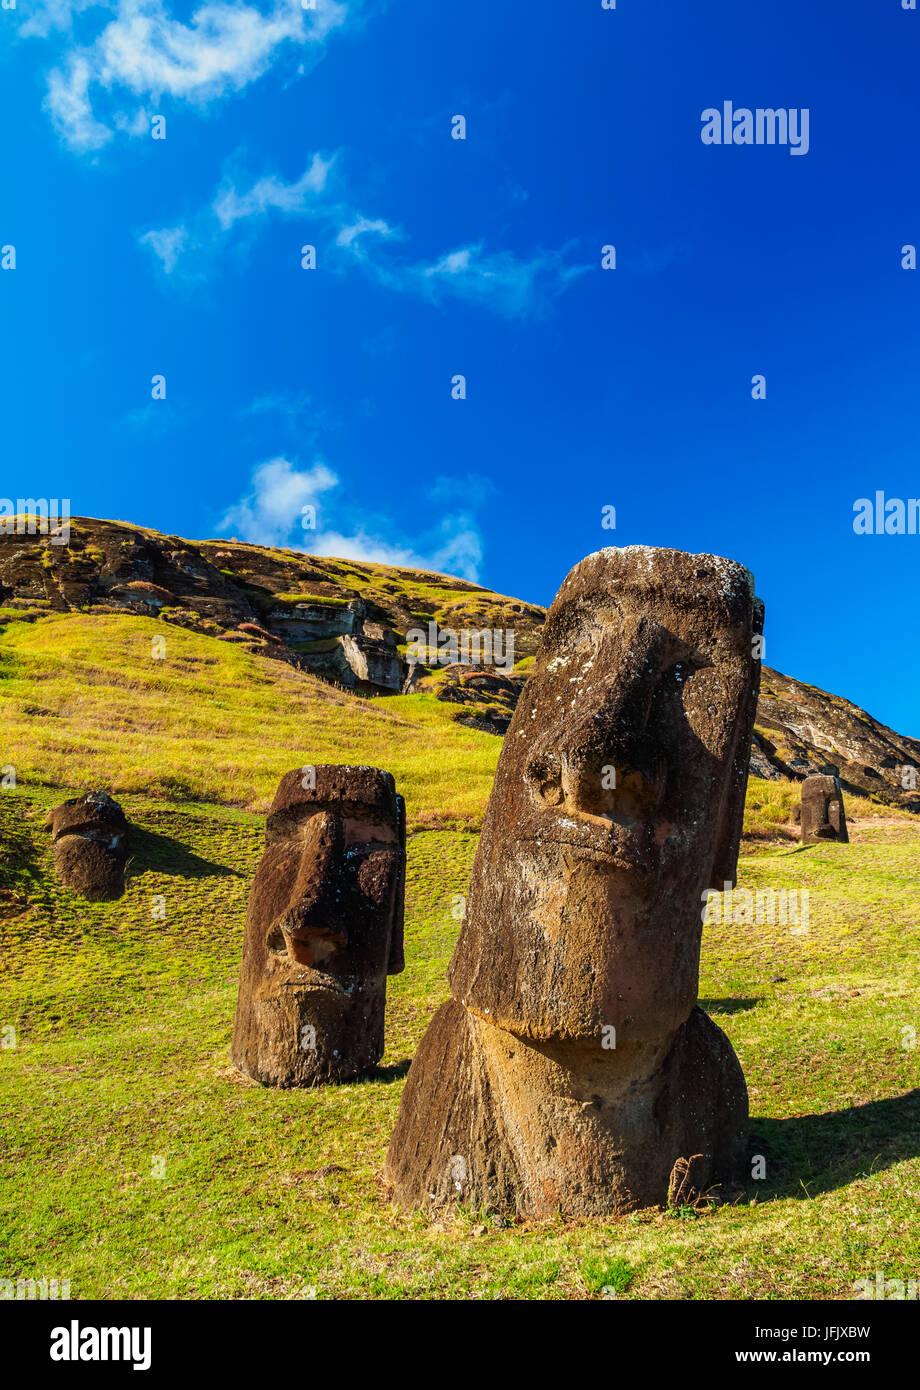 Moais en la cantera en la ladera del volcán Rano Raraku, el Parque Nacional Rapa Nui, Isla de Pascua, Chile Foto de stock